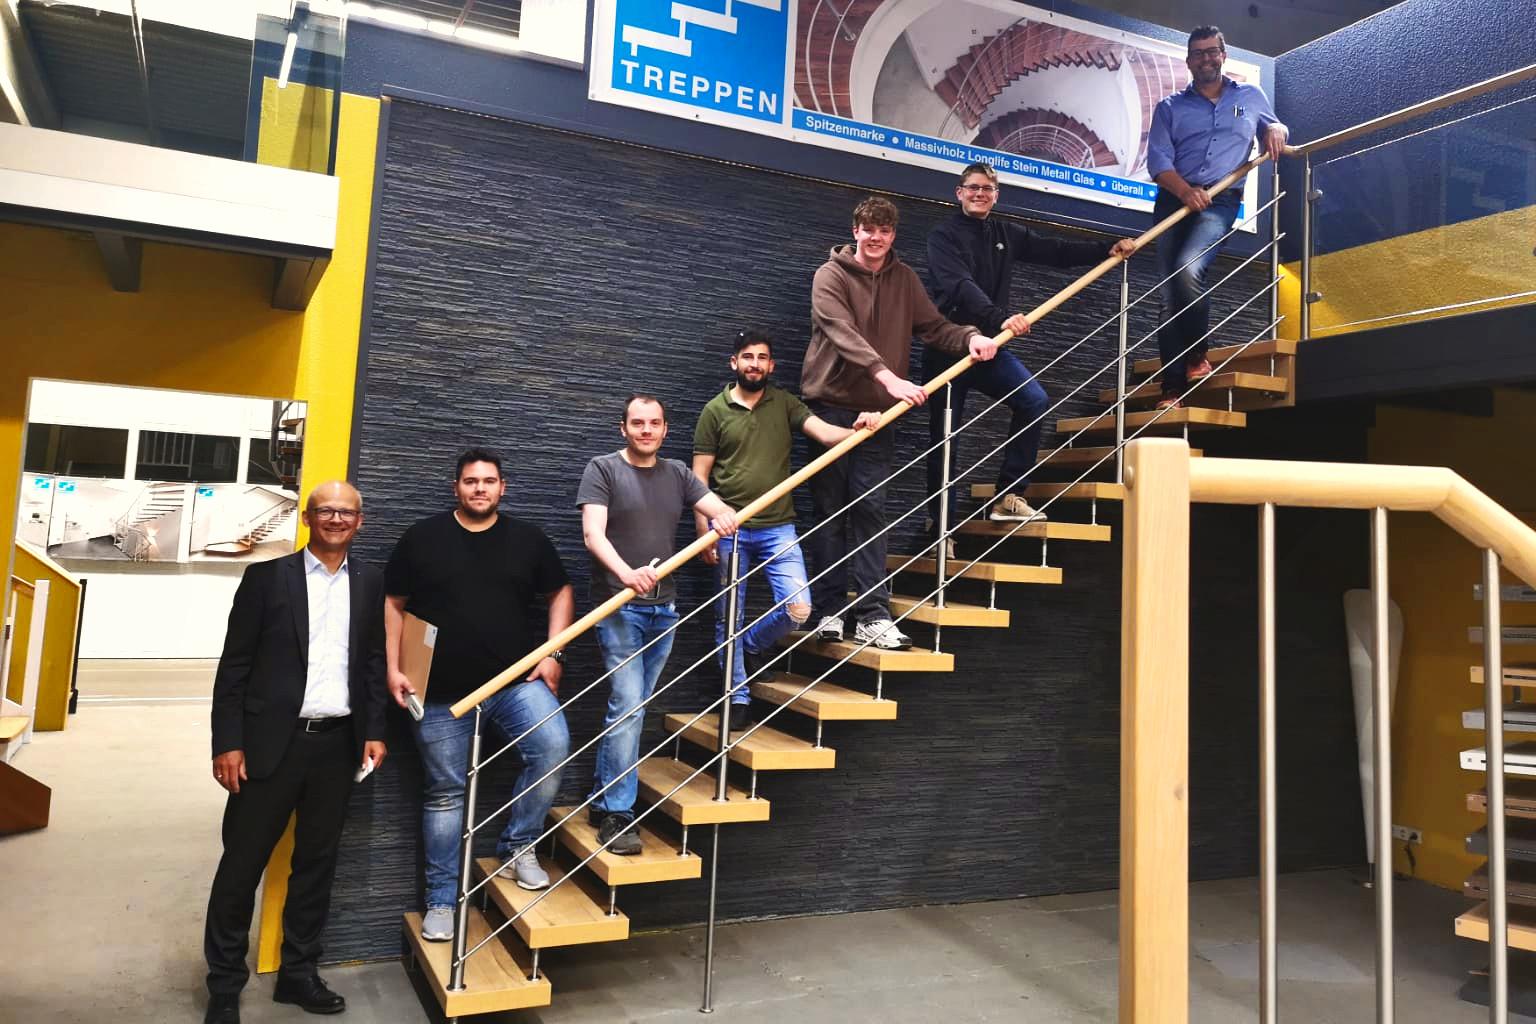 Weiterbildung: Unsere Mitarbeiter nahmen erfolgreich an der Kenngott-Montage-Schulung teil